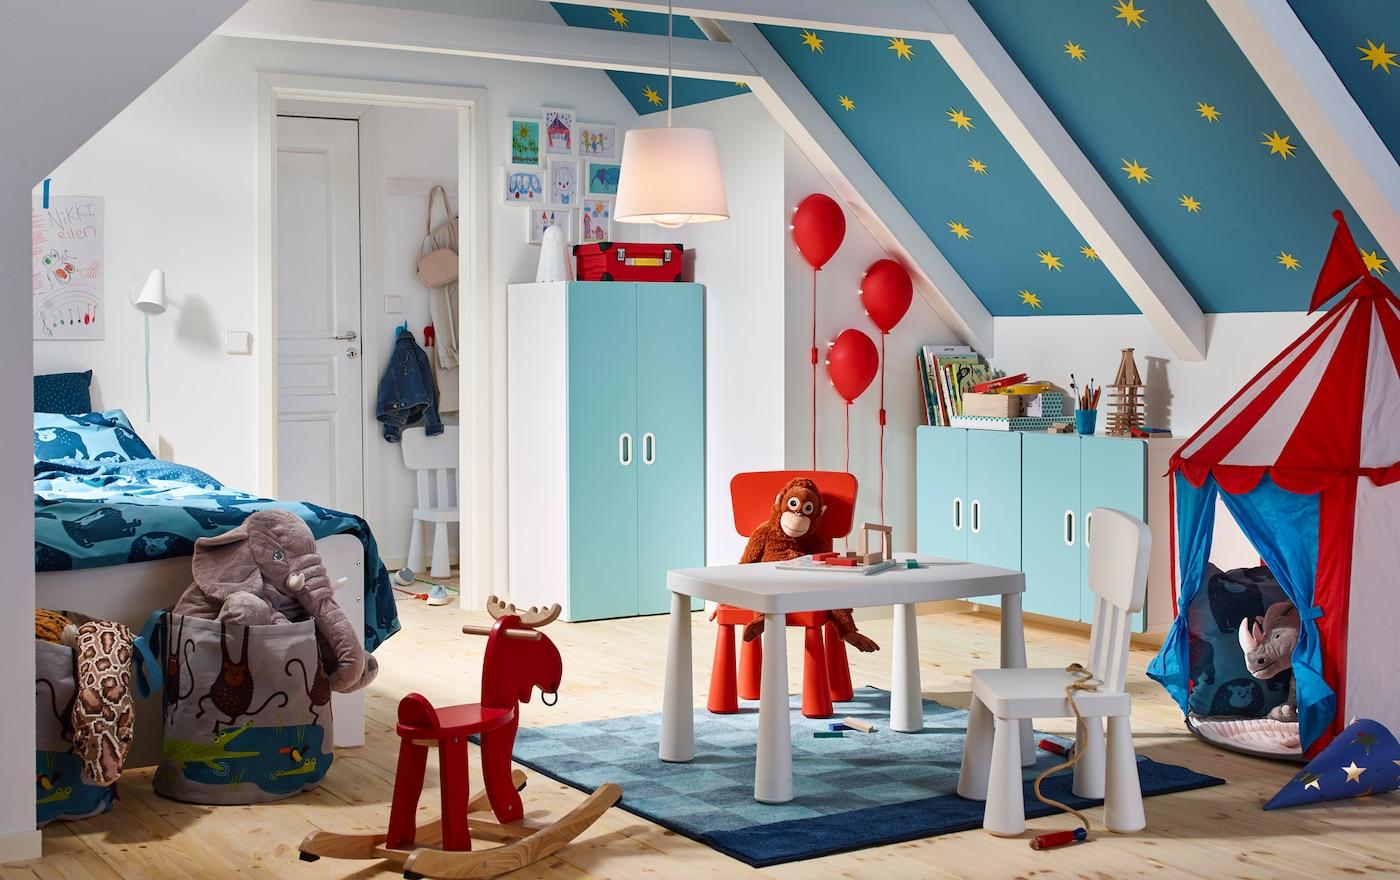 Déco Chambre enfant : notre galerie de photos - IKEA